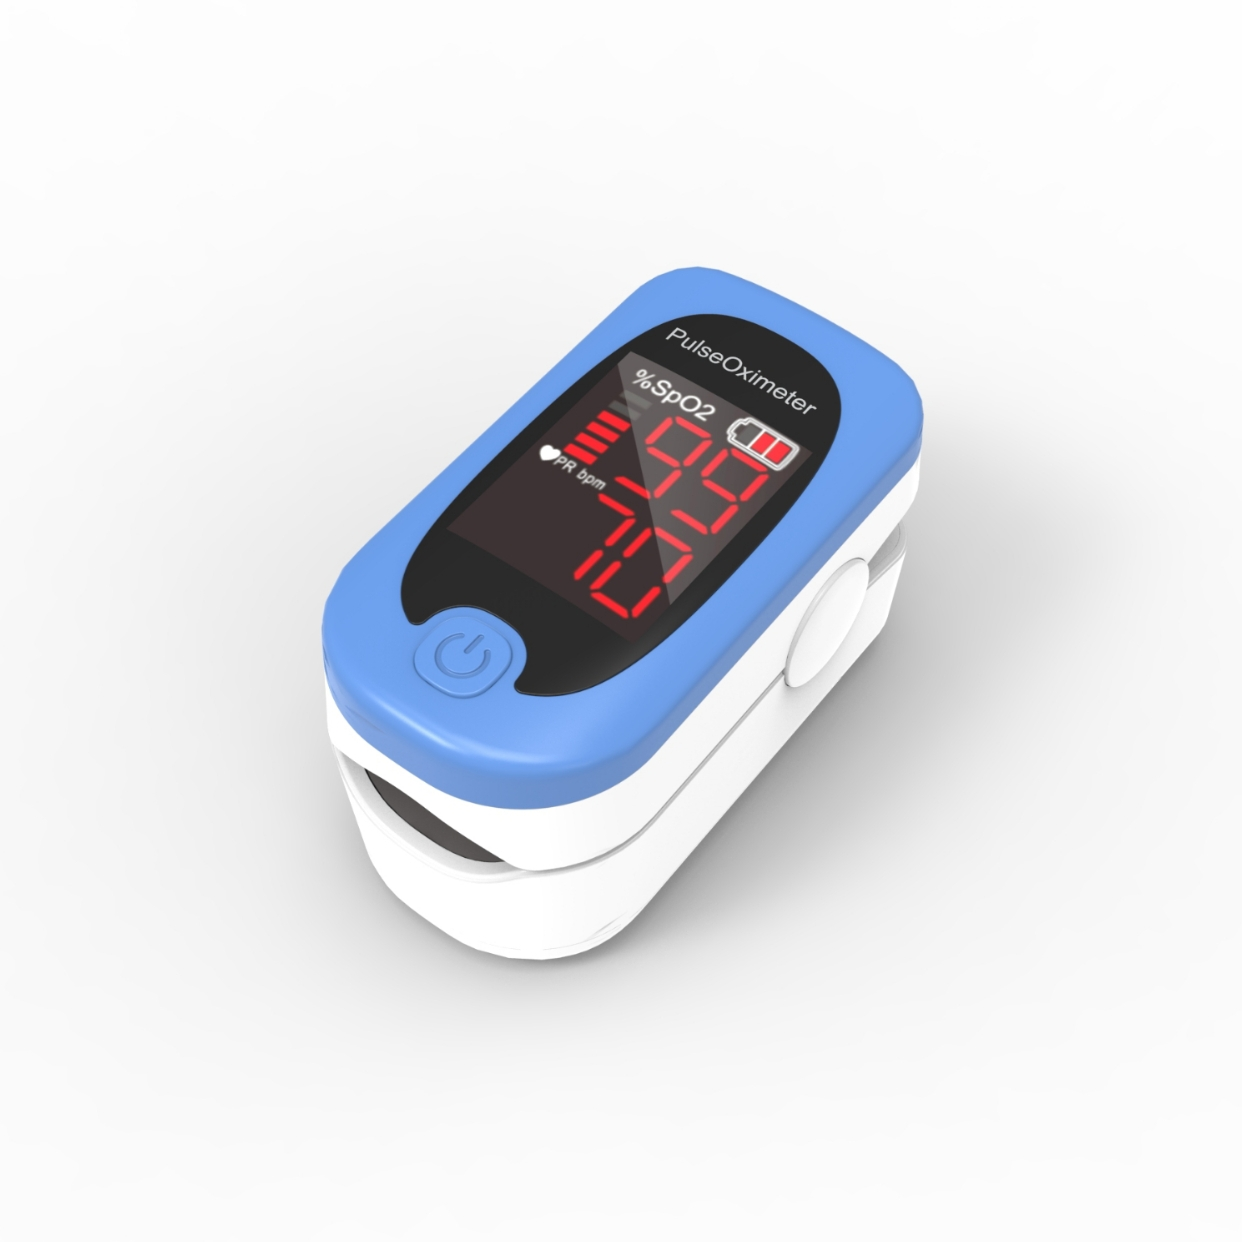 Светодиодный измеритель пульса и уровня кислорода в крови, прибор для измерения пульса и уровня кислорода в крови, Оксиметрия SpO2, на палец